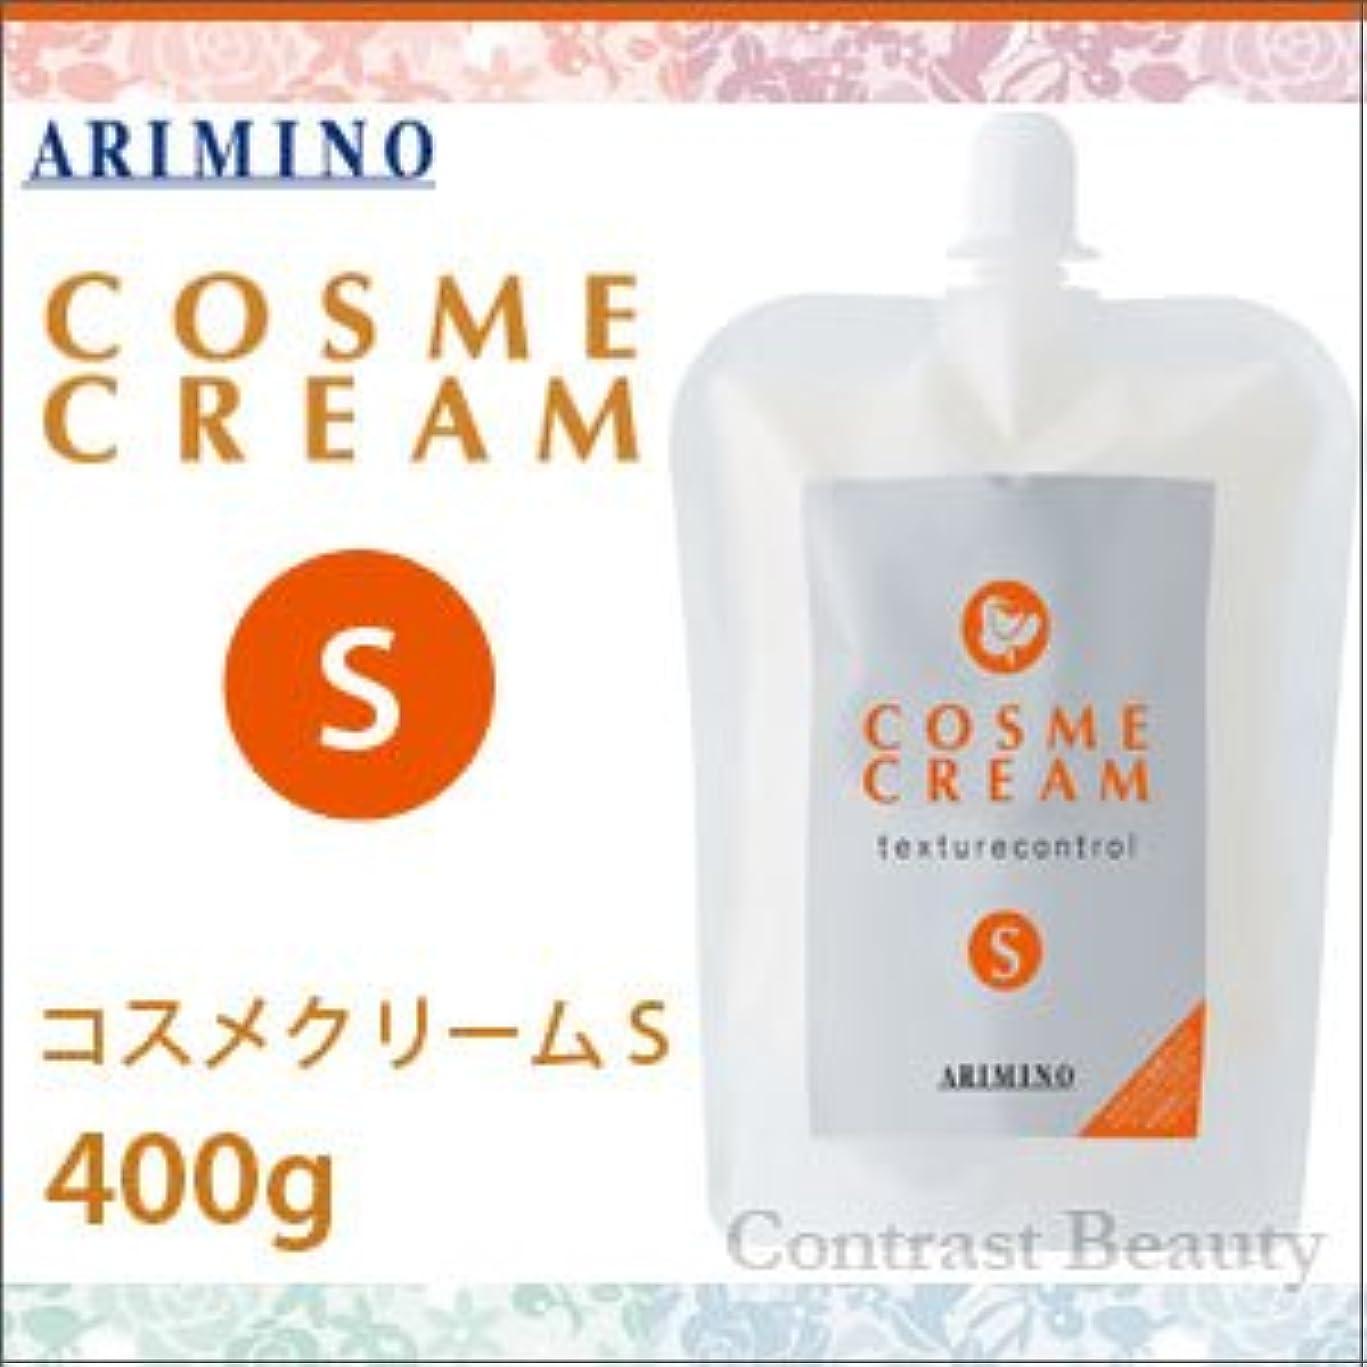 感染する尊敬何故なのアリミノ コスメクリーム S 400g